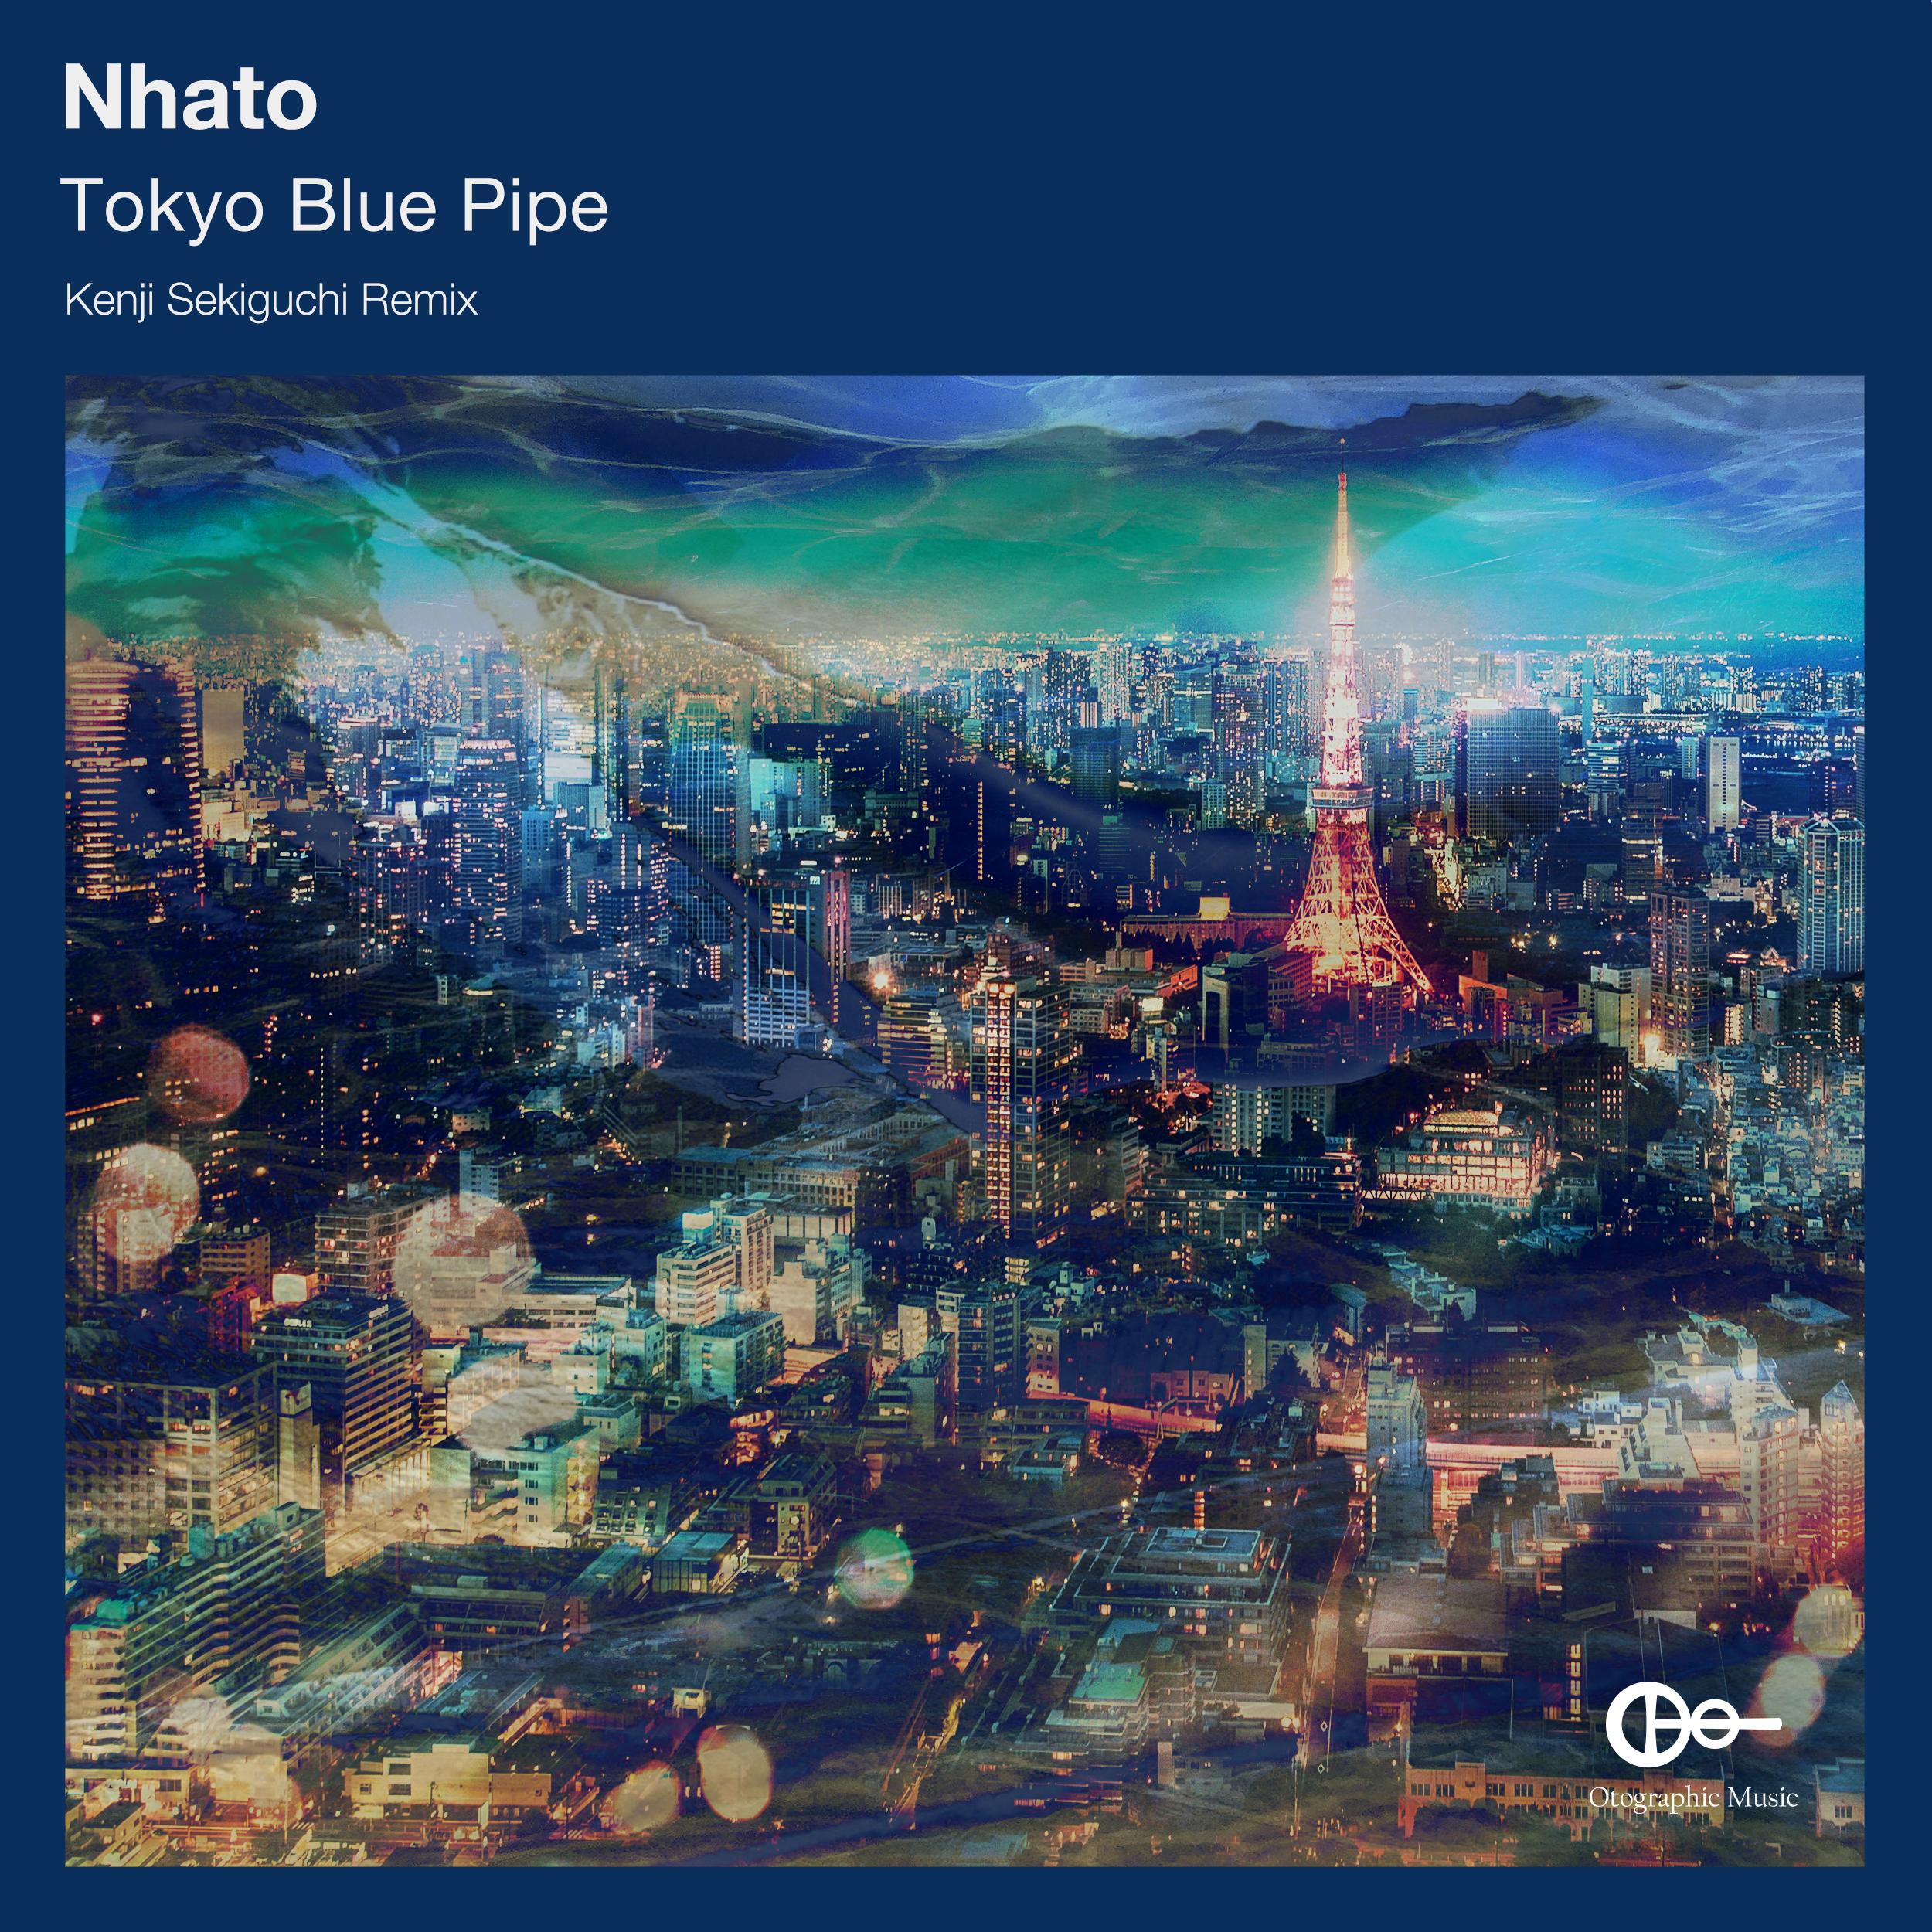 """Nhato """"Tokyo Blue Pipe"""" Kenji Sekiguchi Remix"""